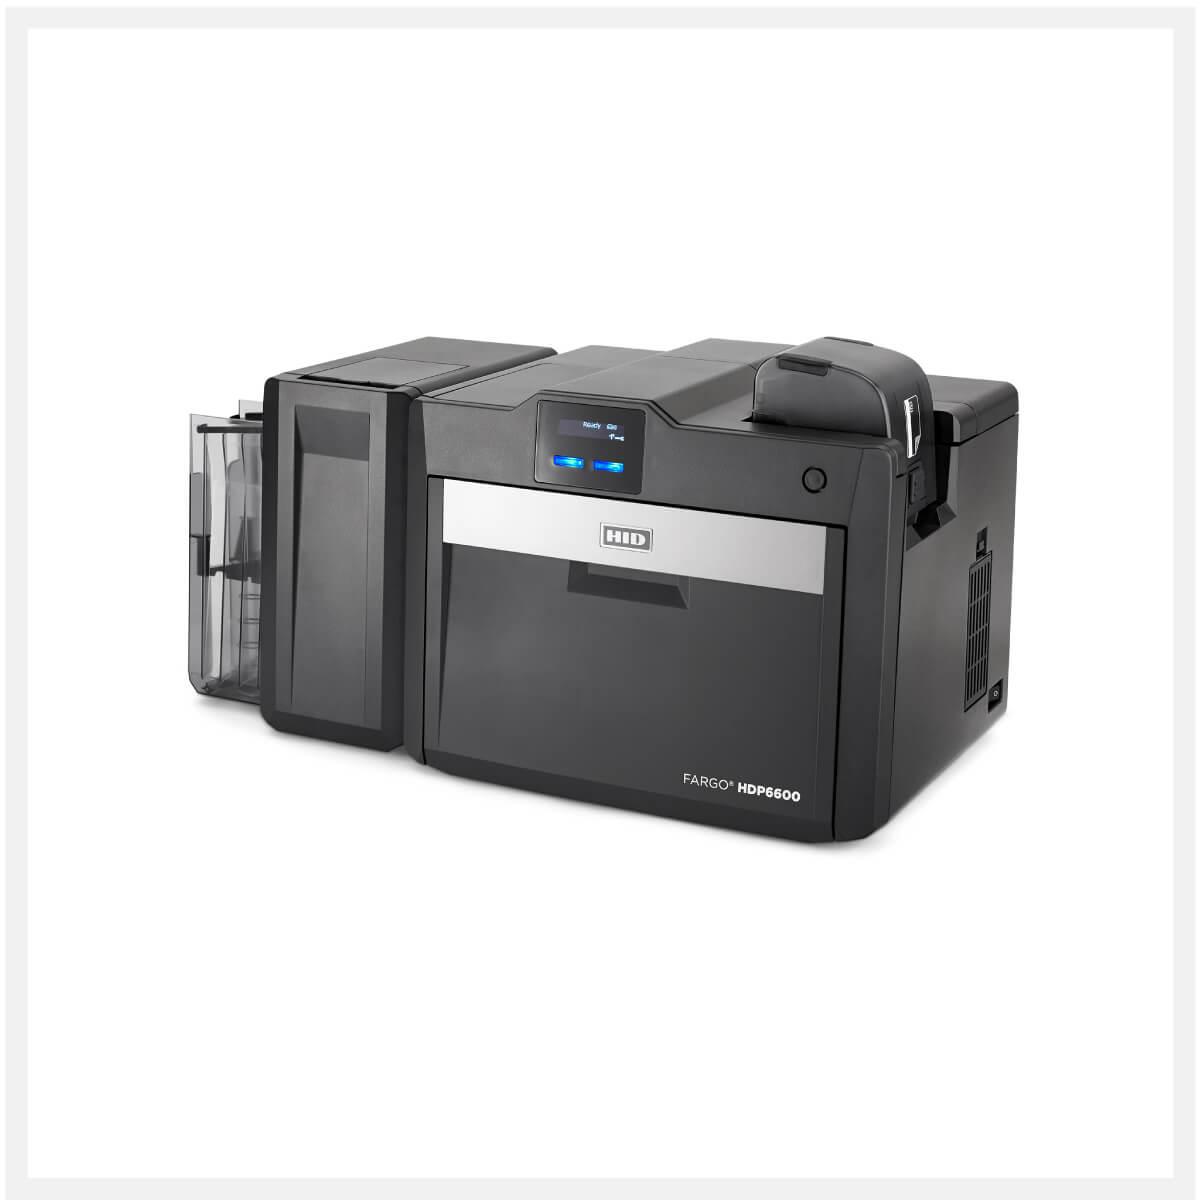 Buy HID FARGO HDP6600 Card Printer & Encoder in UAE and Qatar